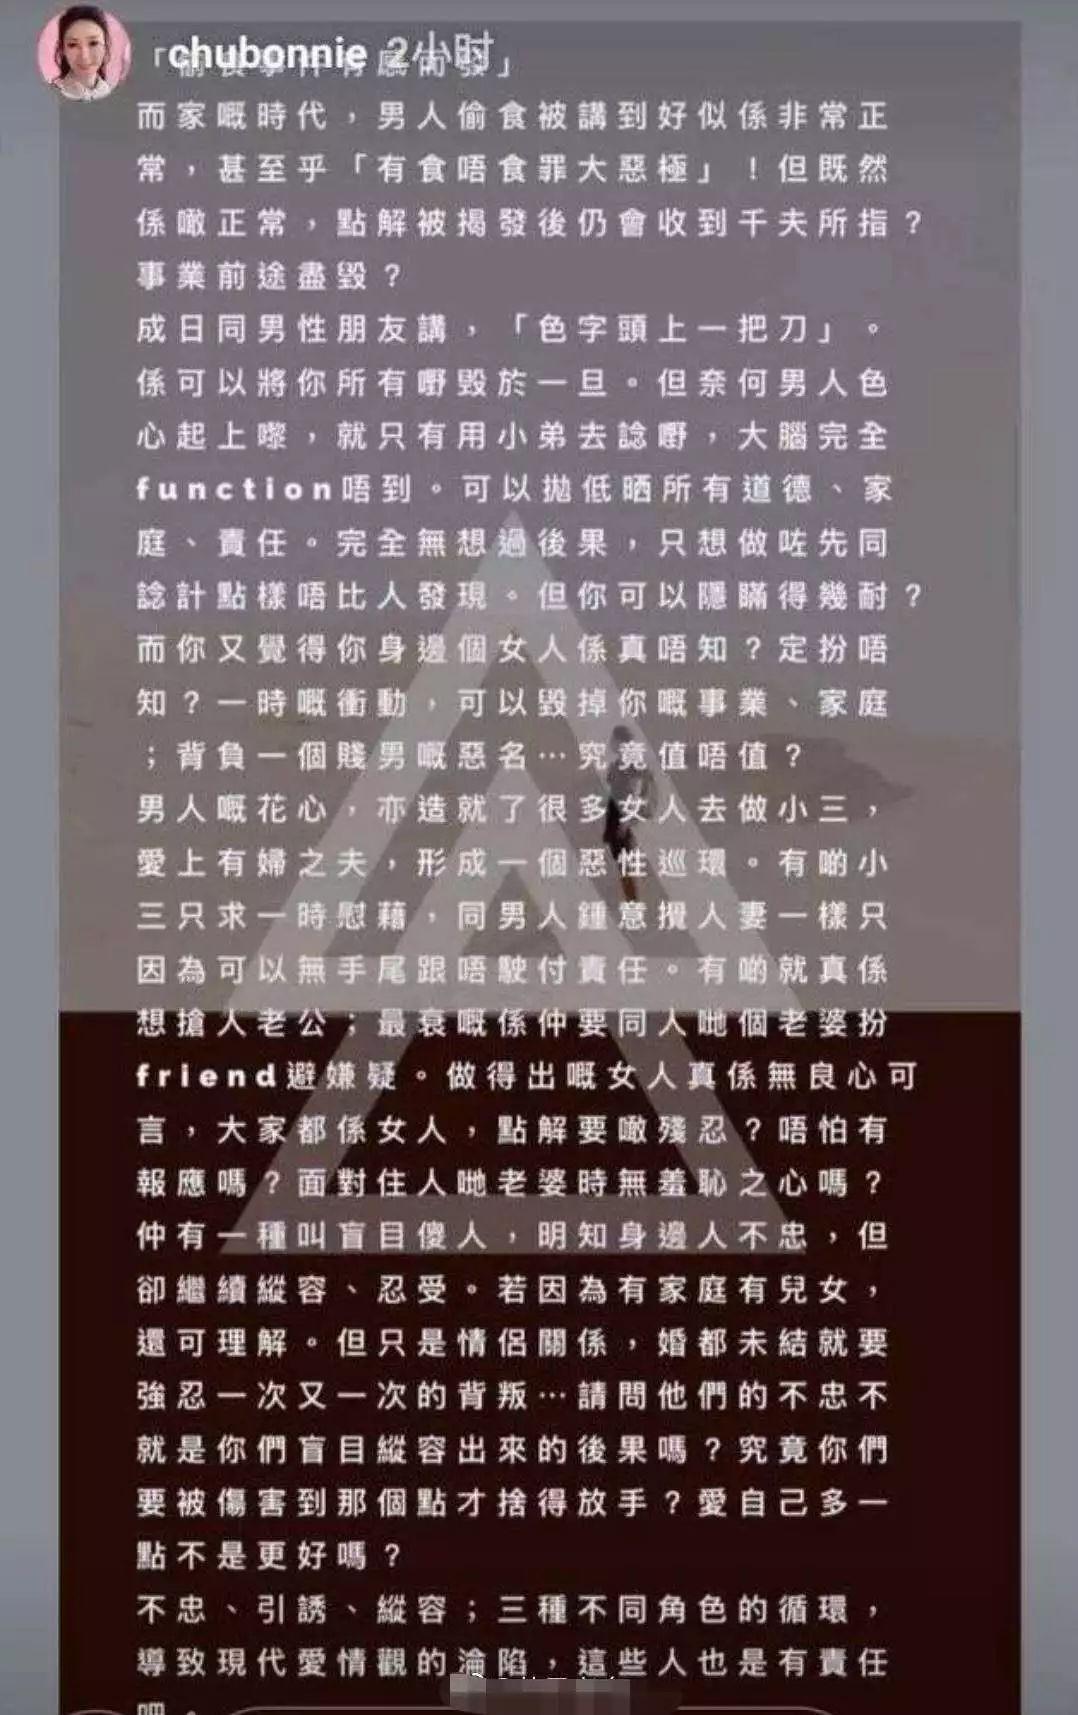 郑秀文原谅许志安;秦俊杰新恋情曝光;二字演员的背景;某女星假怀孕;男主持人形婚